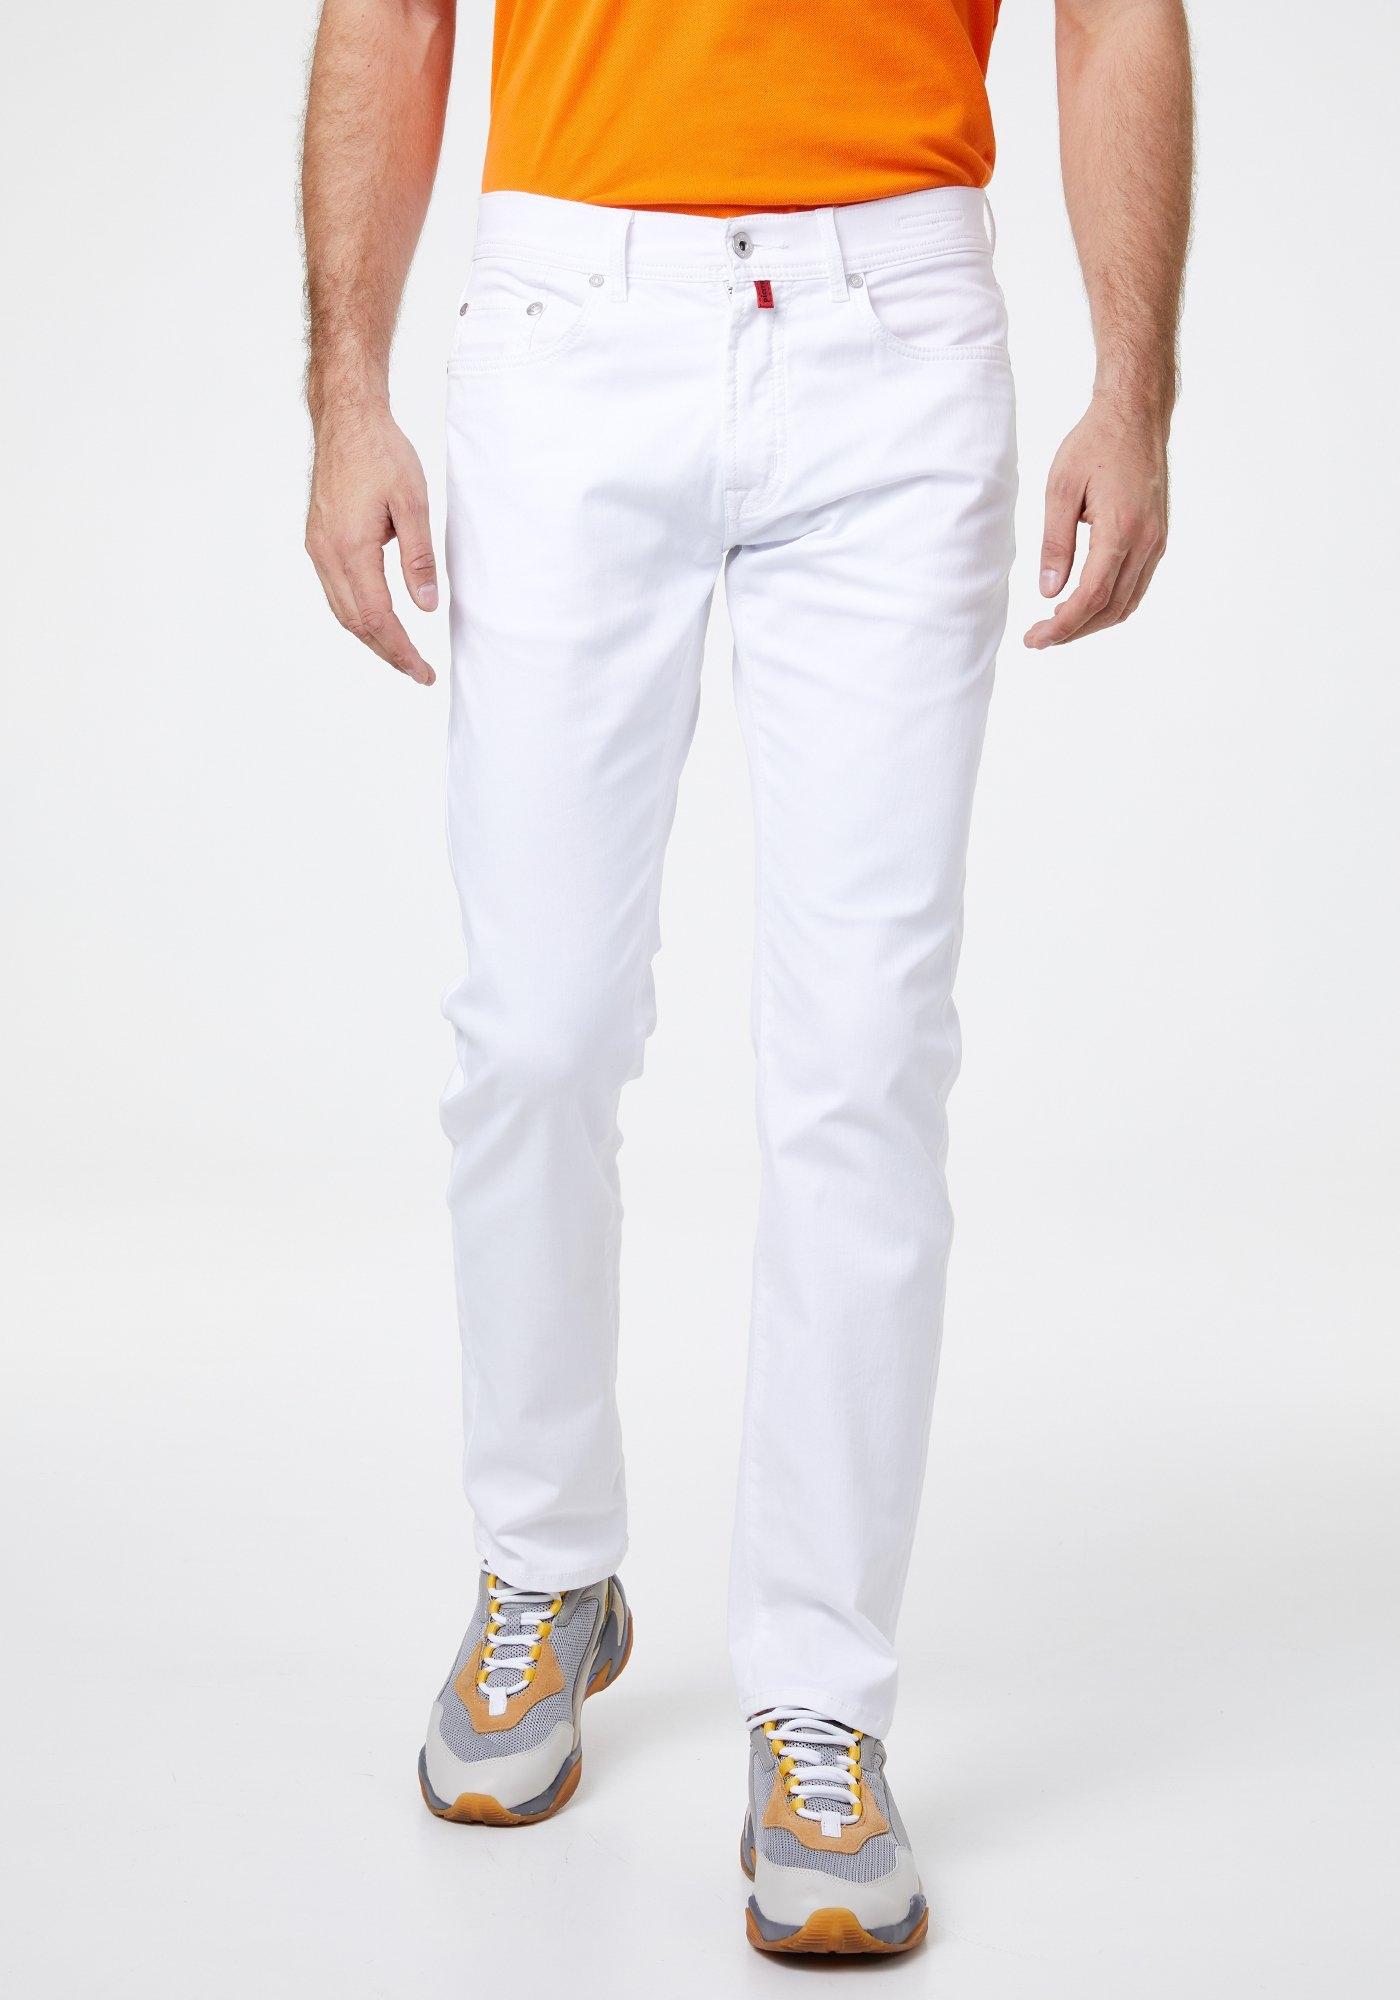 Pierre Cardin jeans »Lyon« veilig op otto.nl kopen